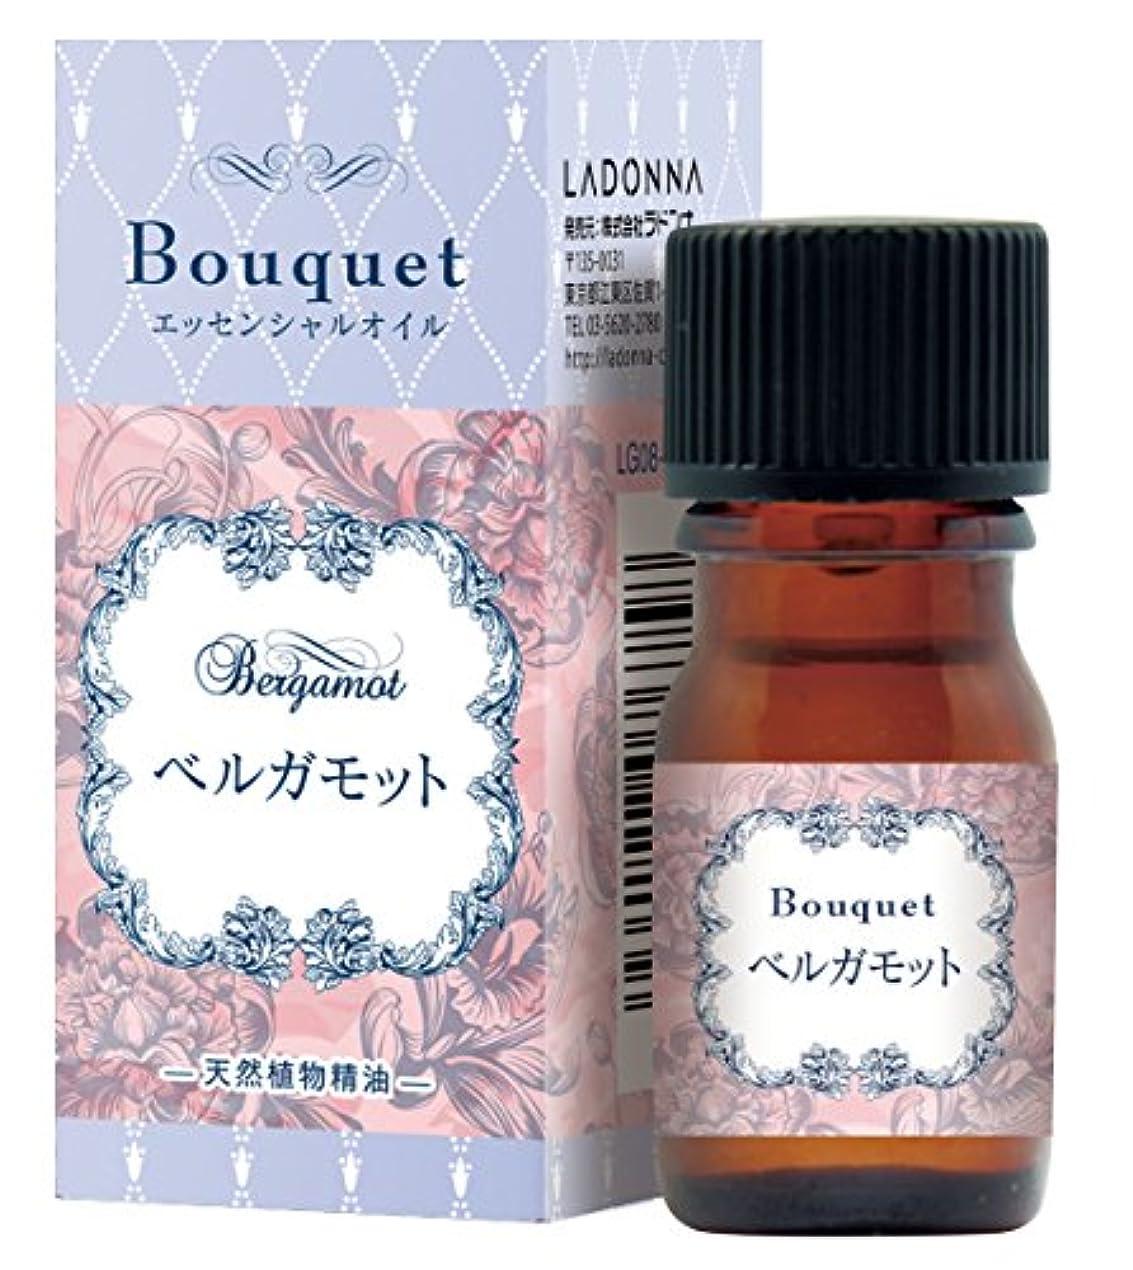 コミットメント動かすメドレーラドンナ エッセンシャルオイル -天然植物精油- Bouquet(ブーケ) LG08-EO ベルガモット